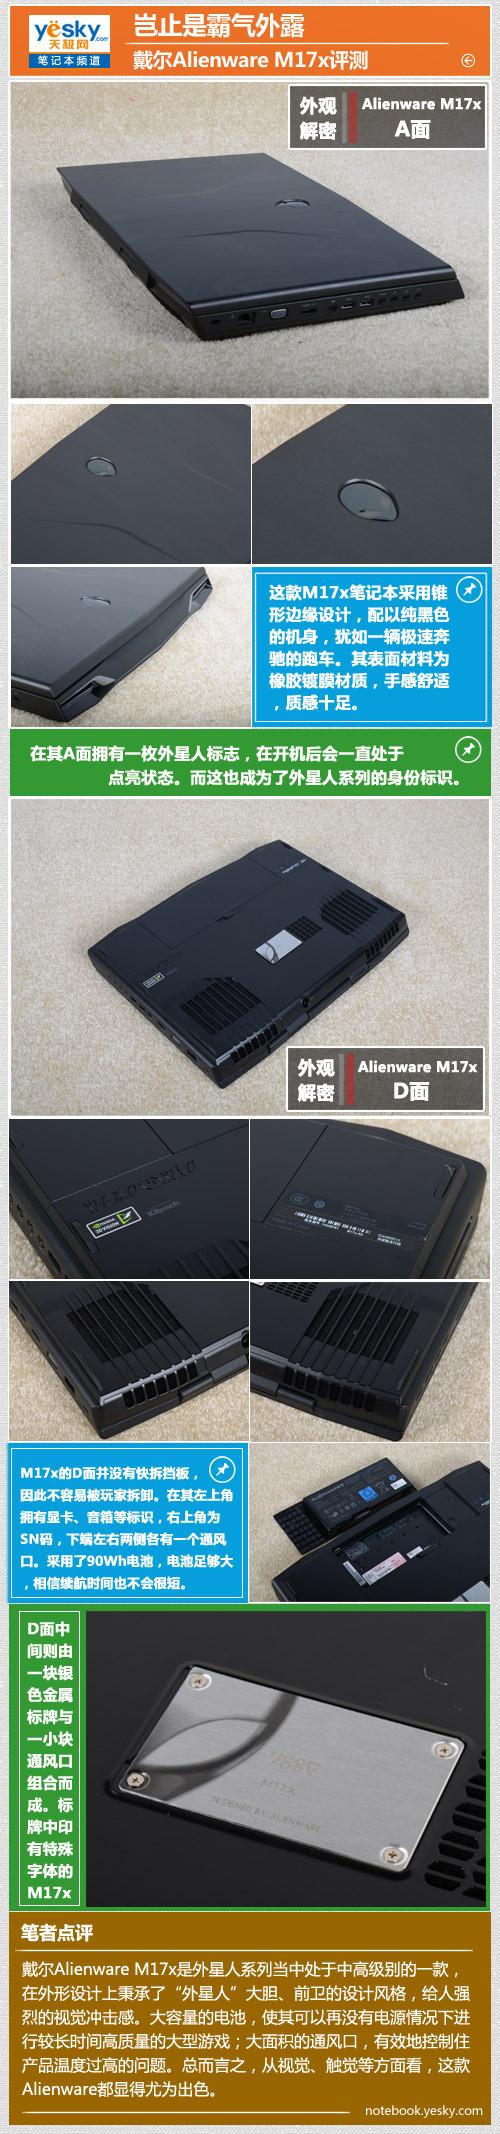 岂止是霸气外露 戴尔Alienware M17x评测